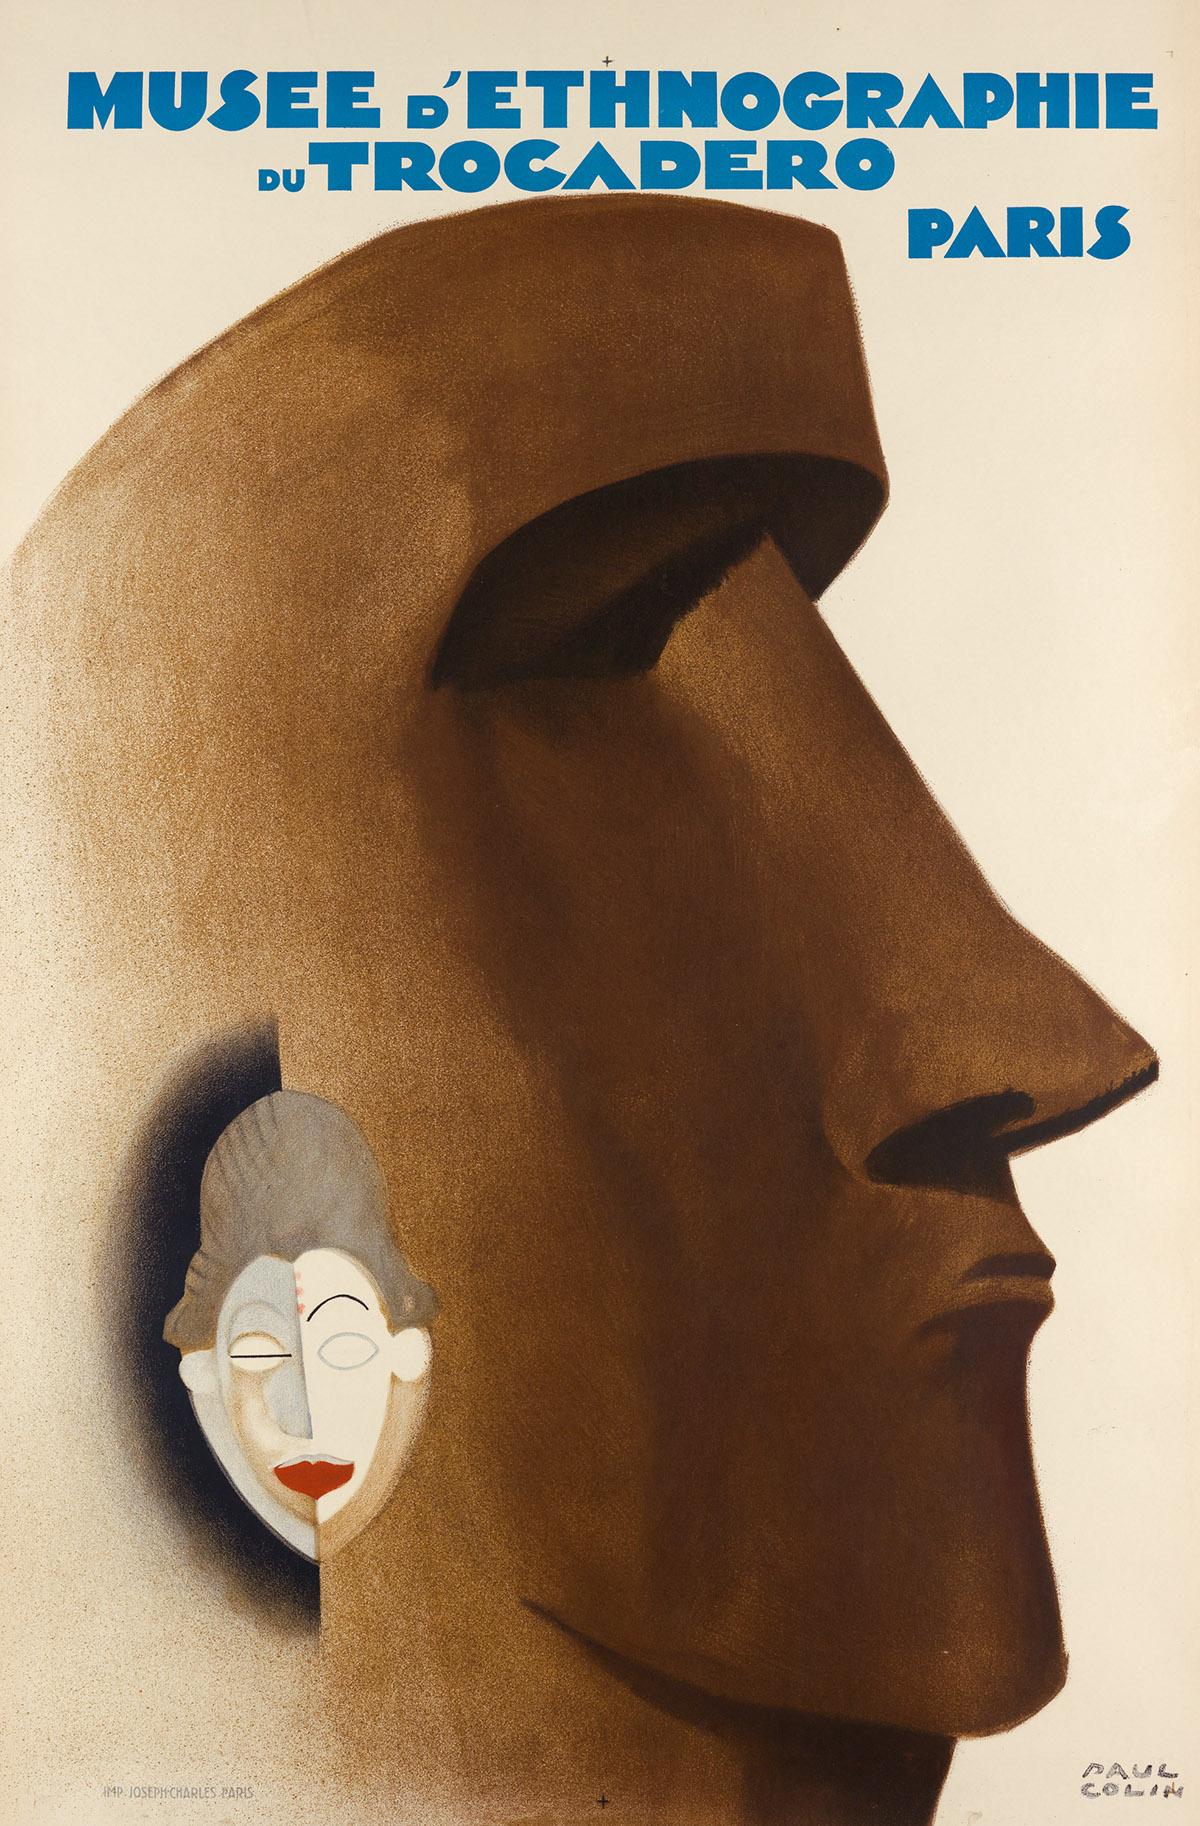 PAUL-COLIN-(1892-1986)-MUSEE-DETHNOGRAPHIE-DU-TROCADERO--PAR